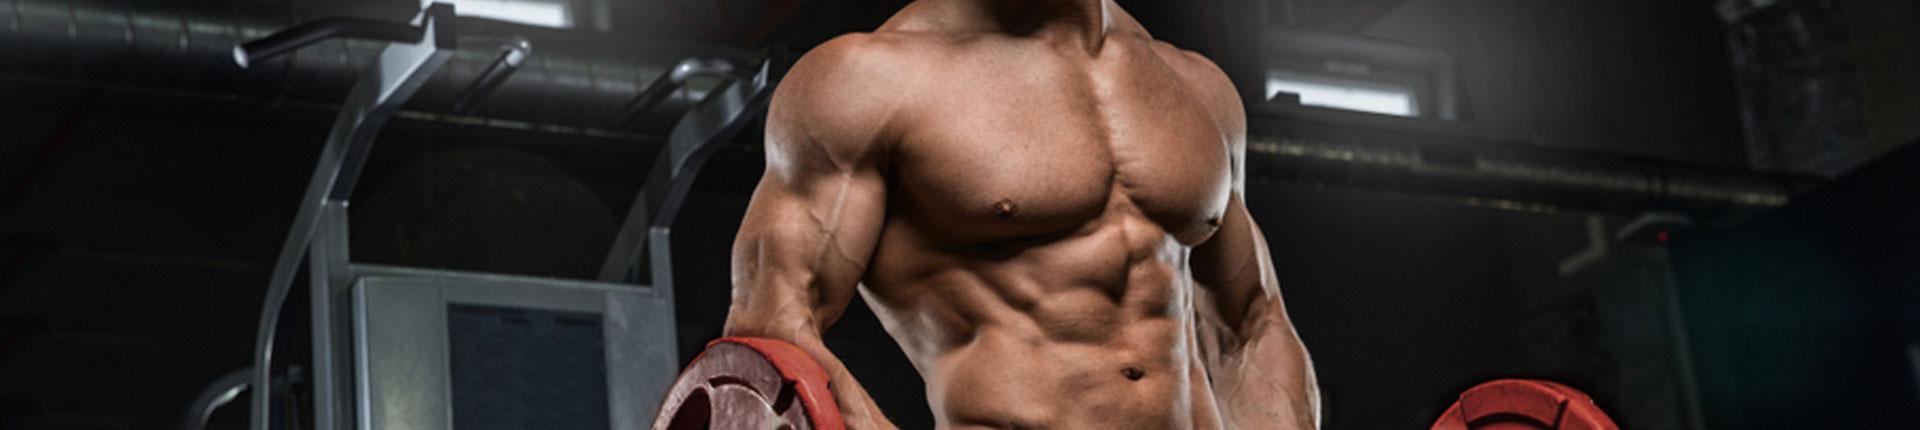 Ile mięśni mogę zbudować w miesiąc? Ile spale tkanki tłuszczowej?